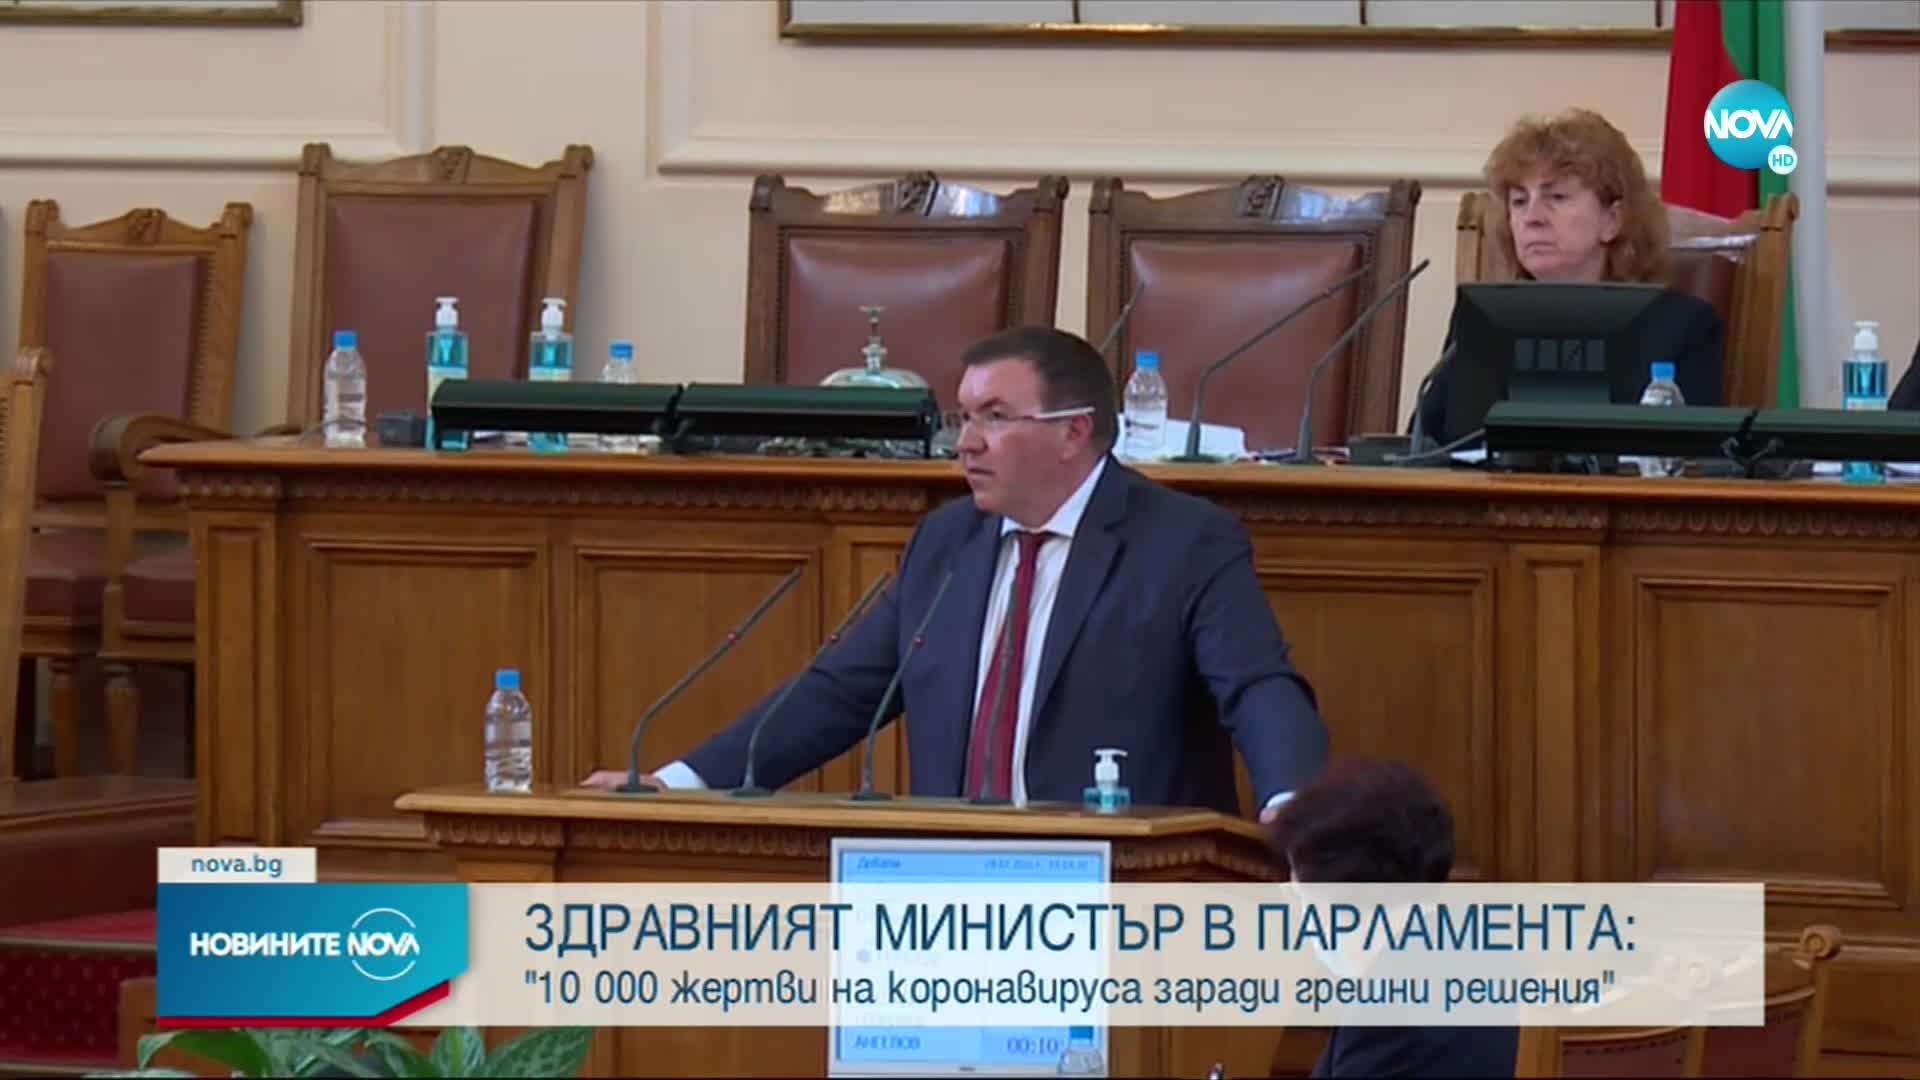 Кацаров: Ваксинацията на възрастните не беше приоритет и това ни коства 10 000 човешки живота (ВИДЕО